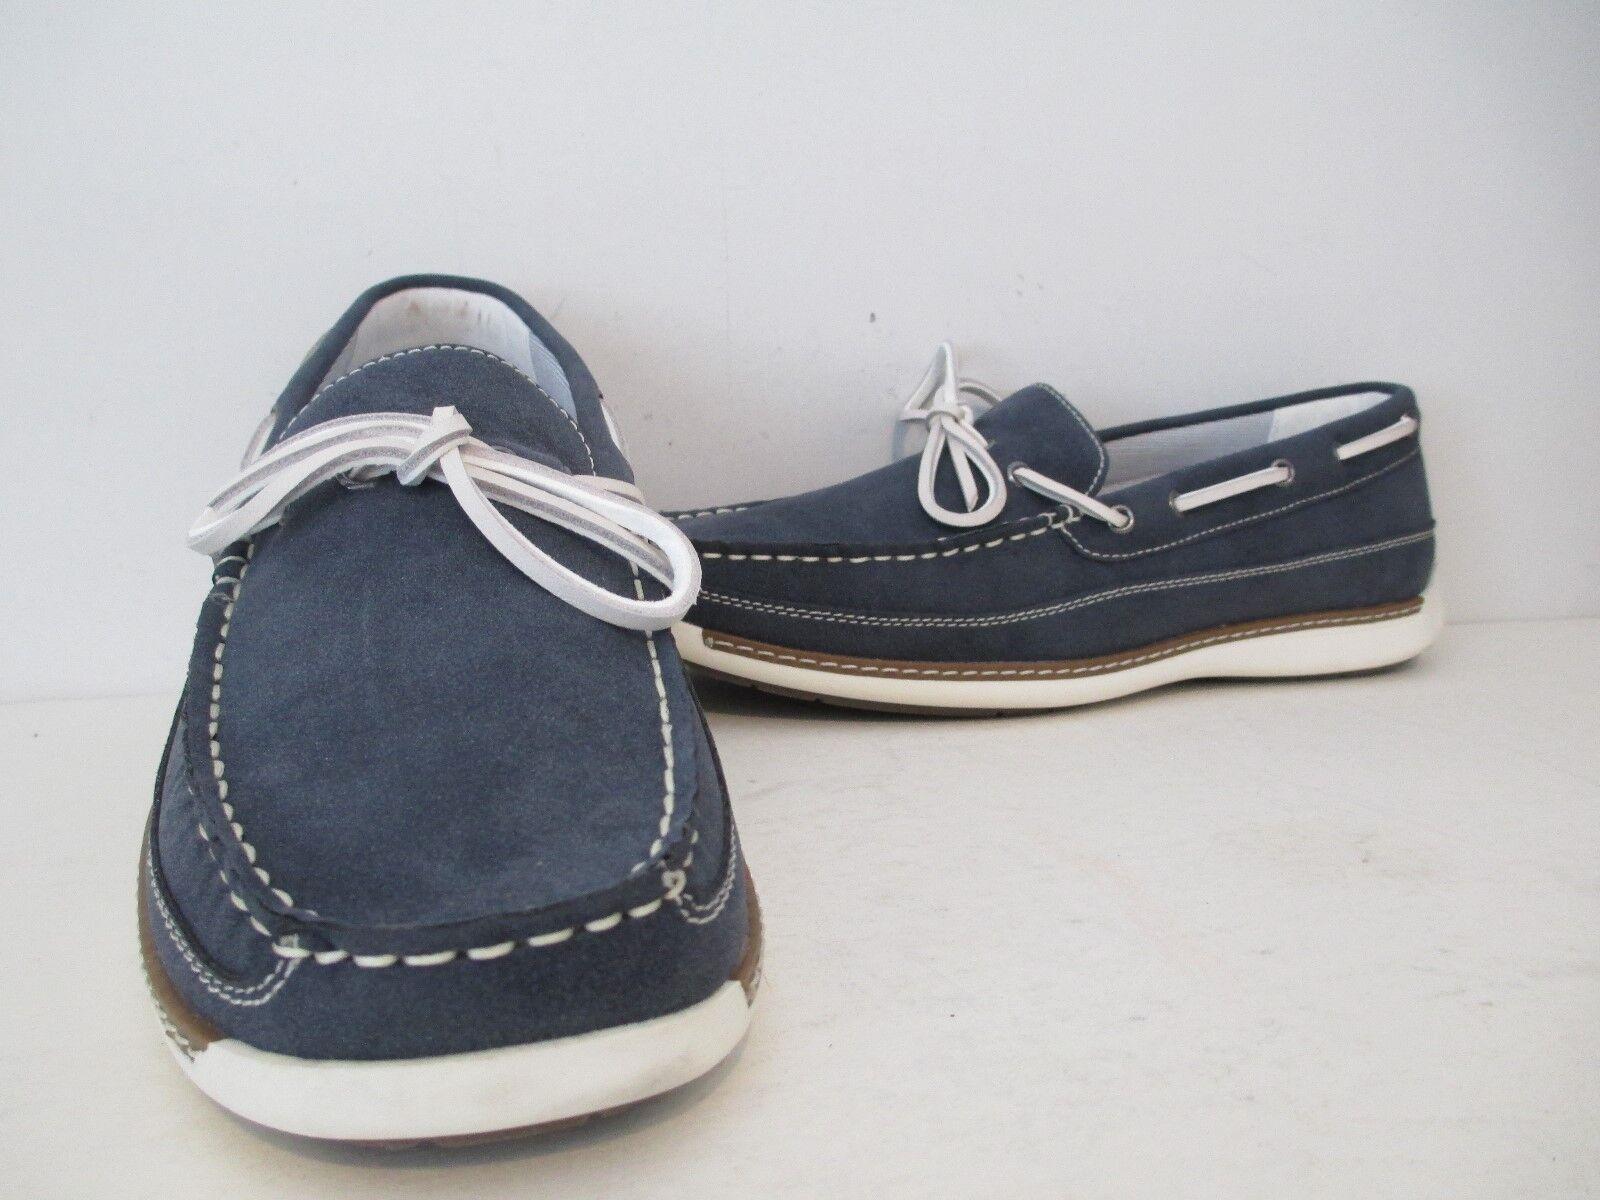 IZOD Mens Boat Heller Casual Faux Leather Boat Mens Shoe Slip On Loafer Navy Sz 10.5 11 12 3d3af1